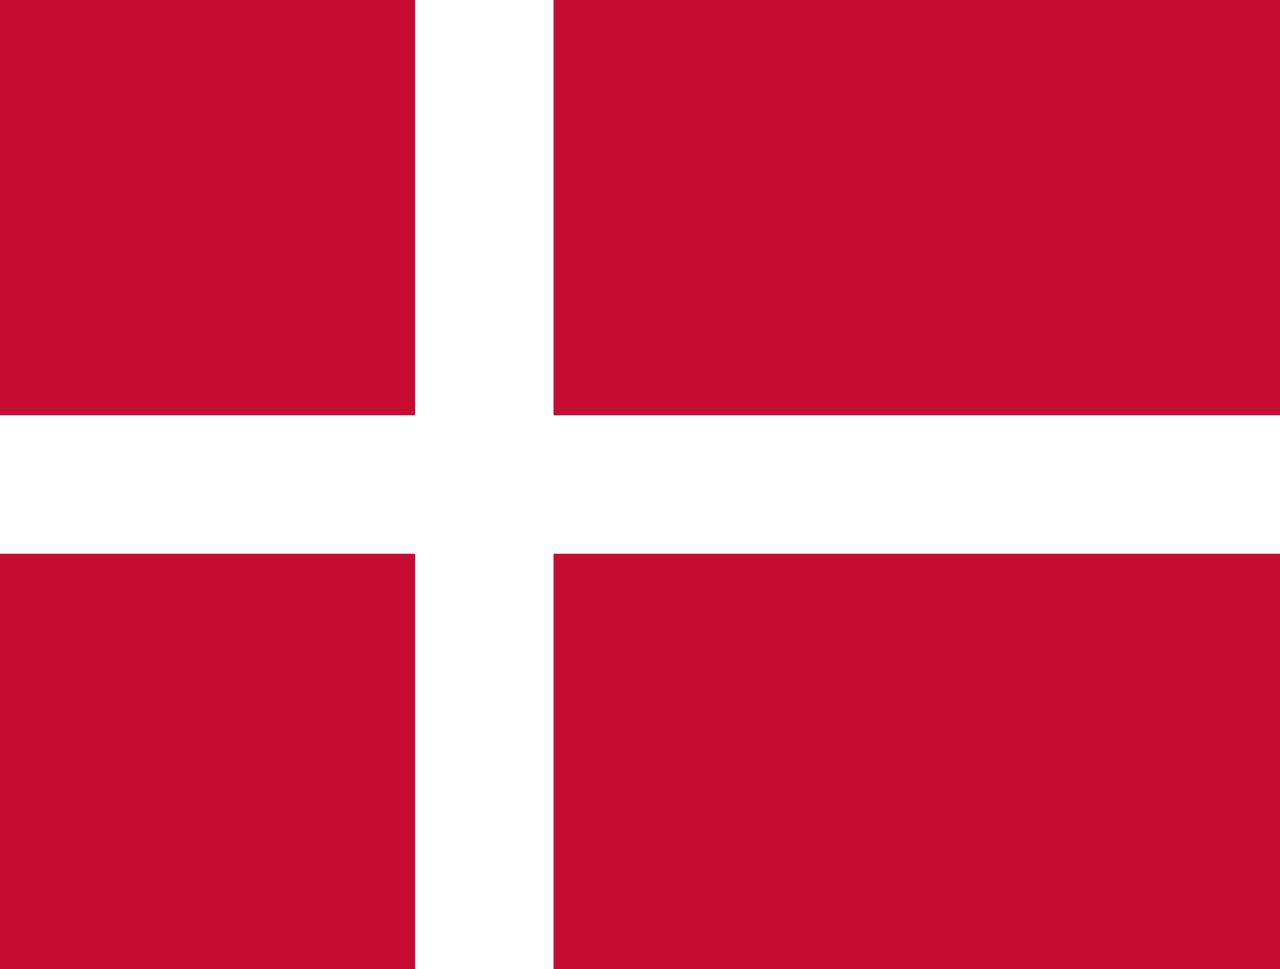 [Flag of Denmark]